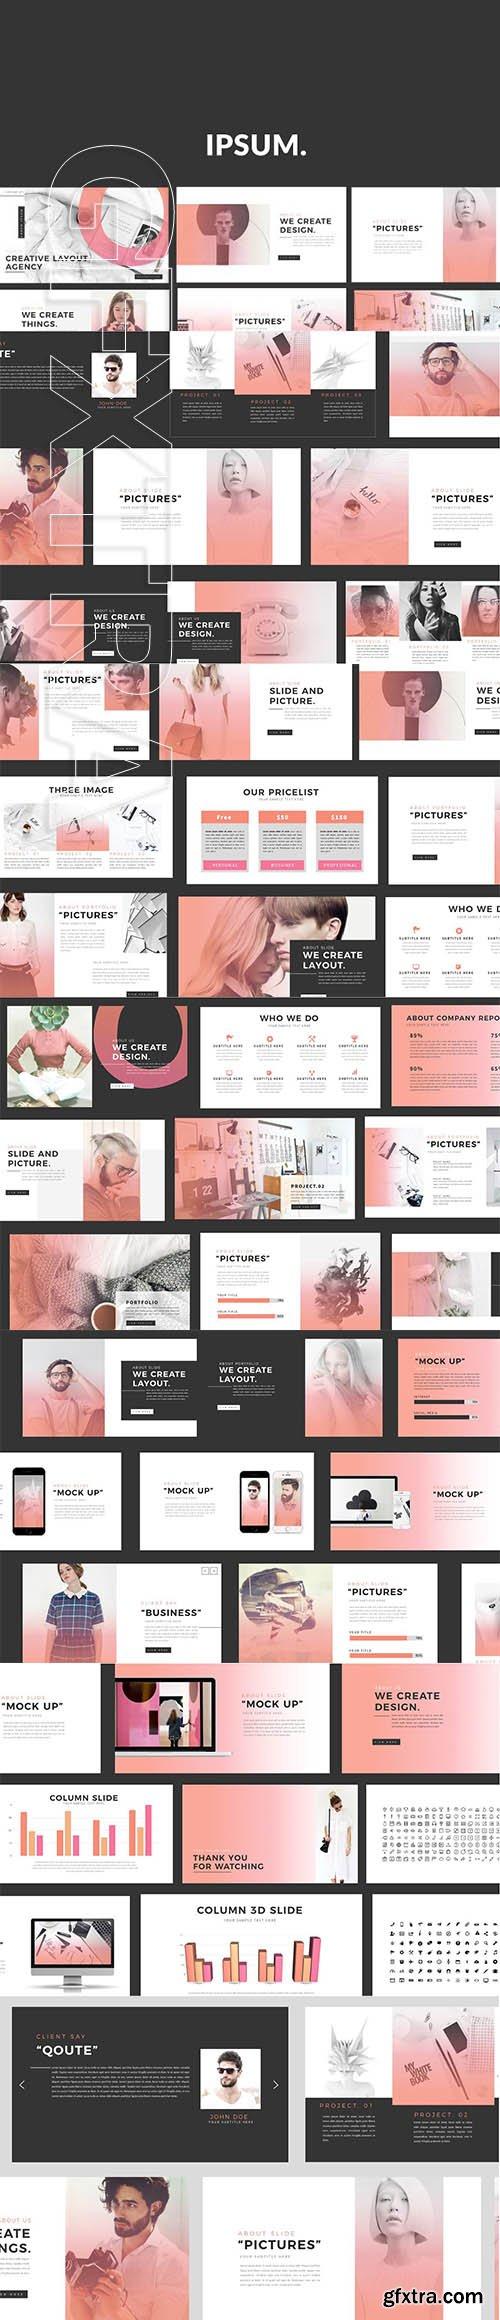 CreativeMarket - IPSUM Powerpoint 2765471